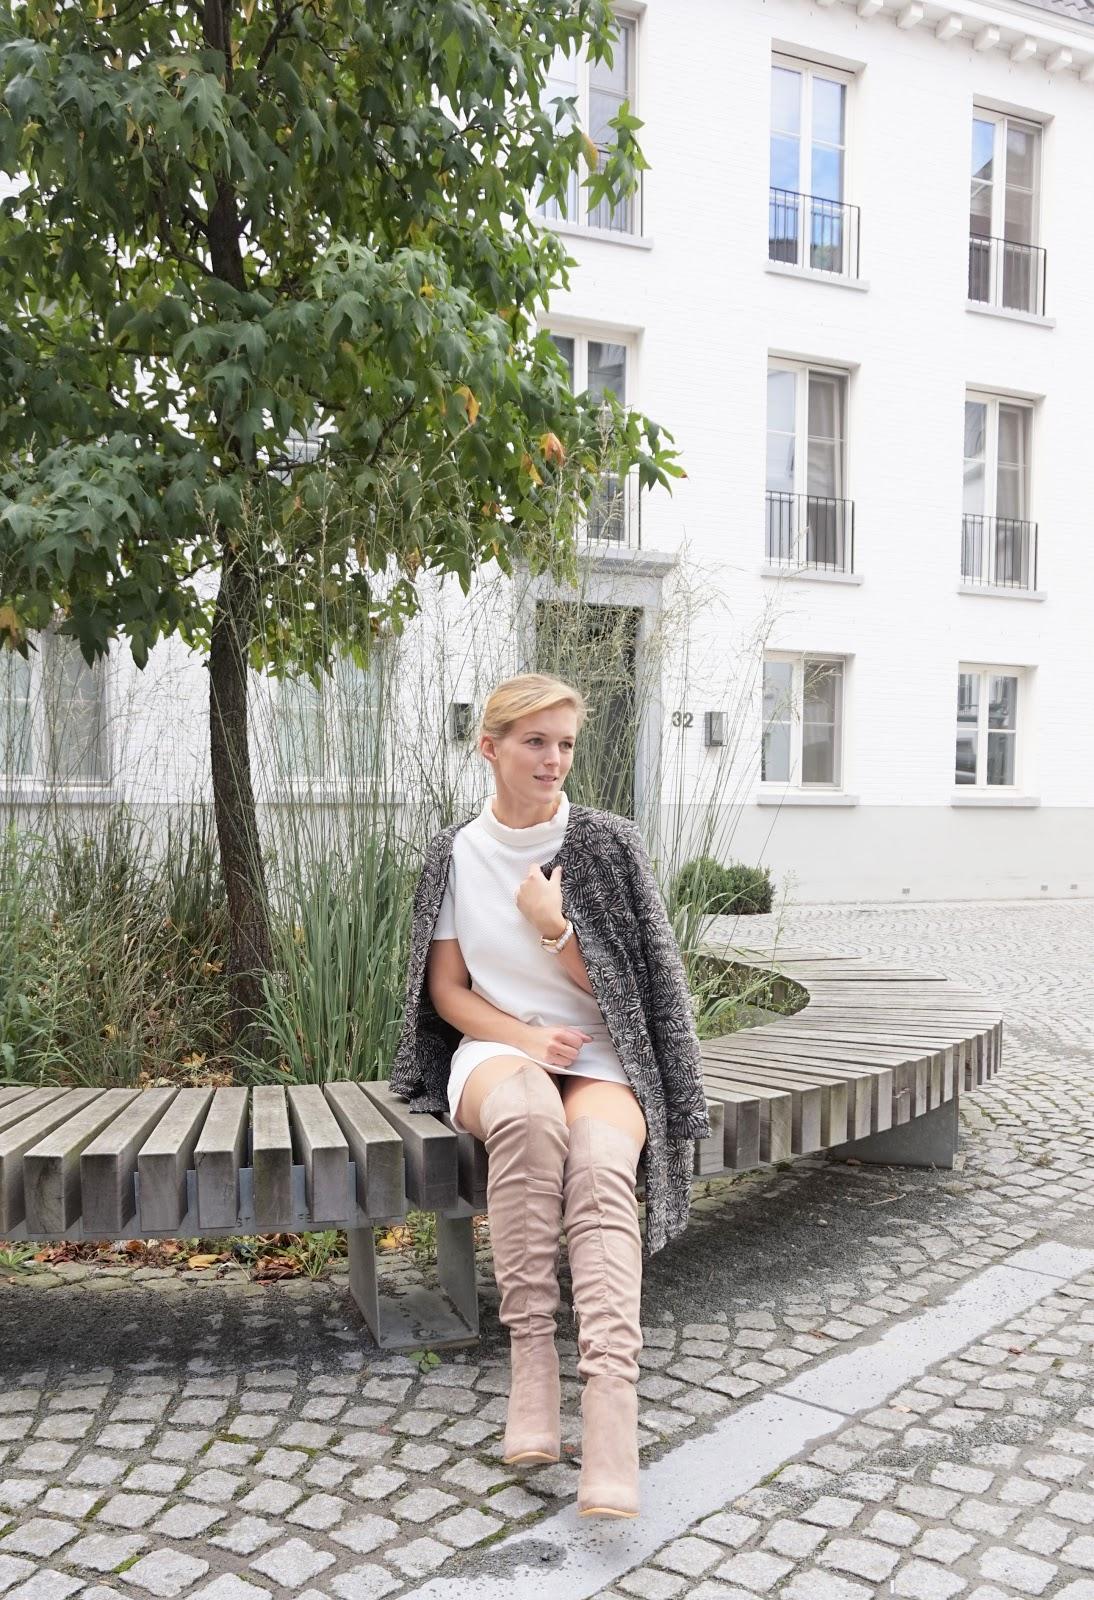 DSC09068 | Eline Van Dingenen